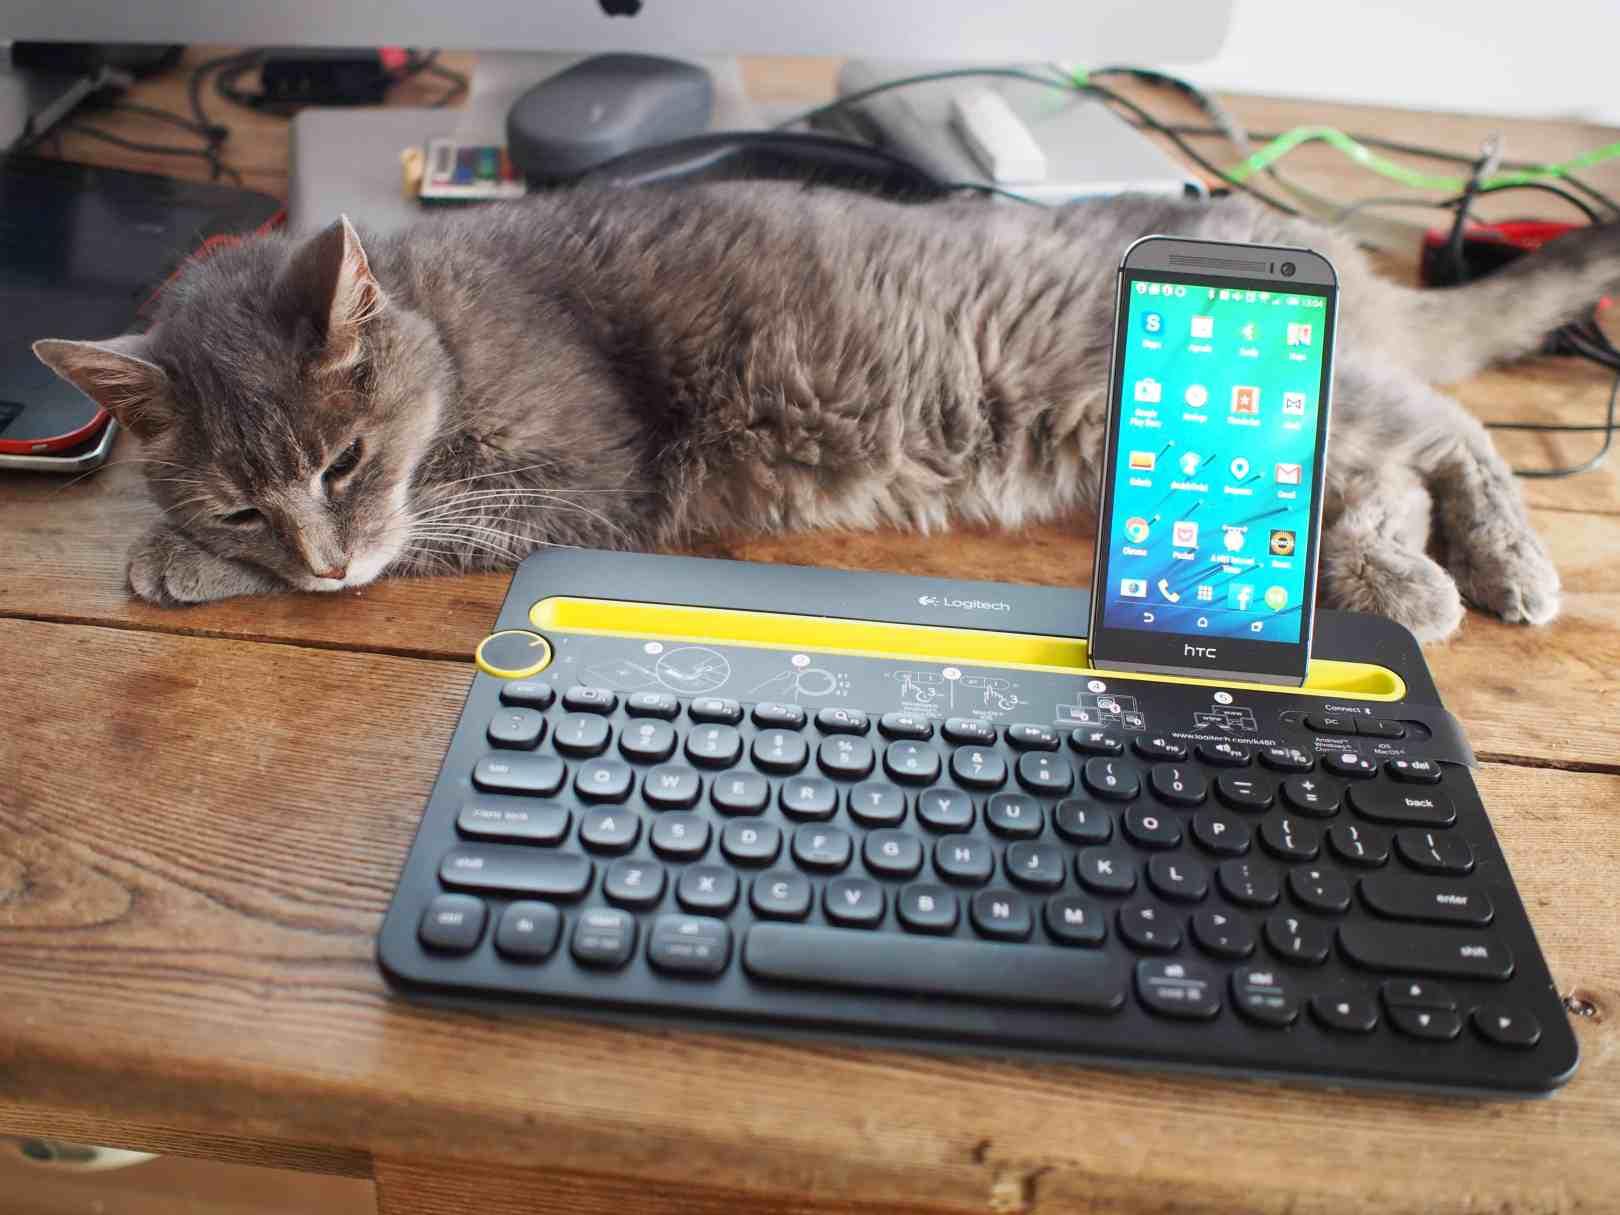 clavier sans fil bluetooth Logitech k480 et mon chat